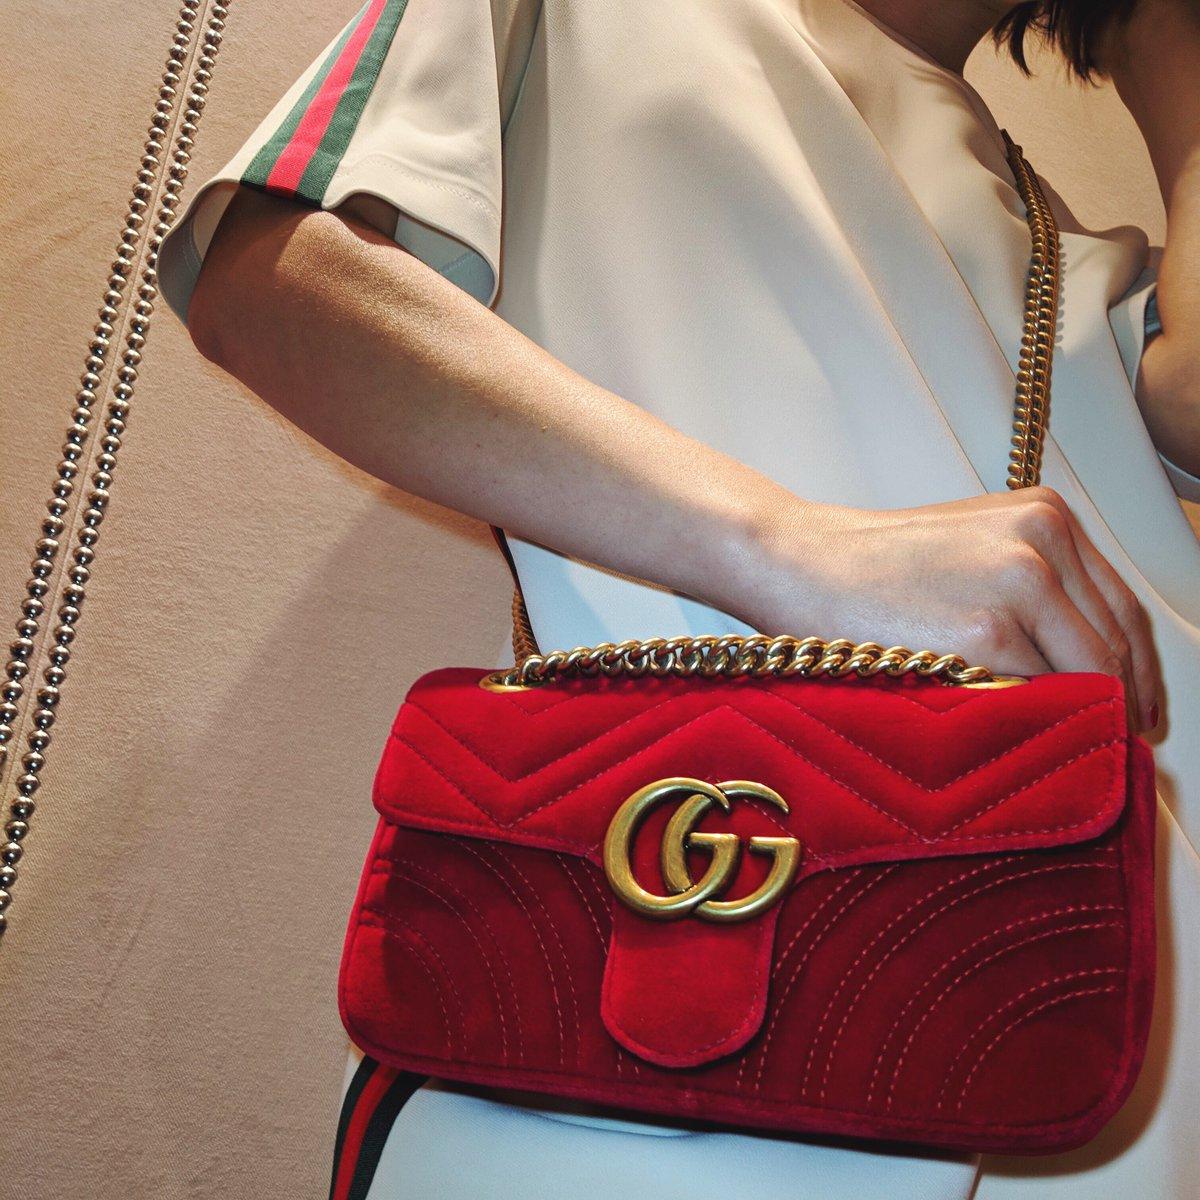 Grab your @gucci #Gucci #GucciBag #GucciGirl #BagLover #SelfridgesLondon #Selfridges